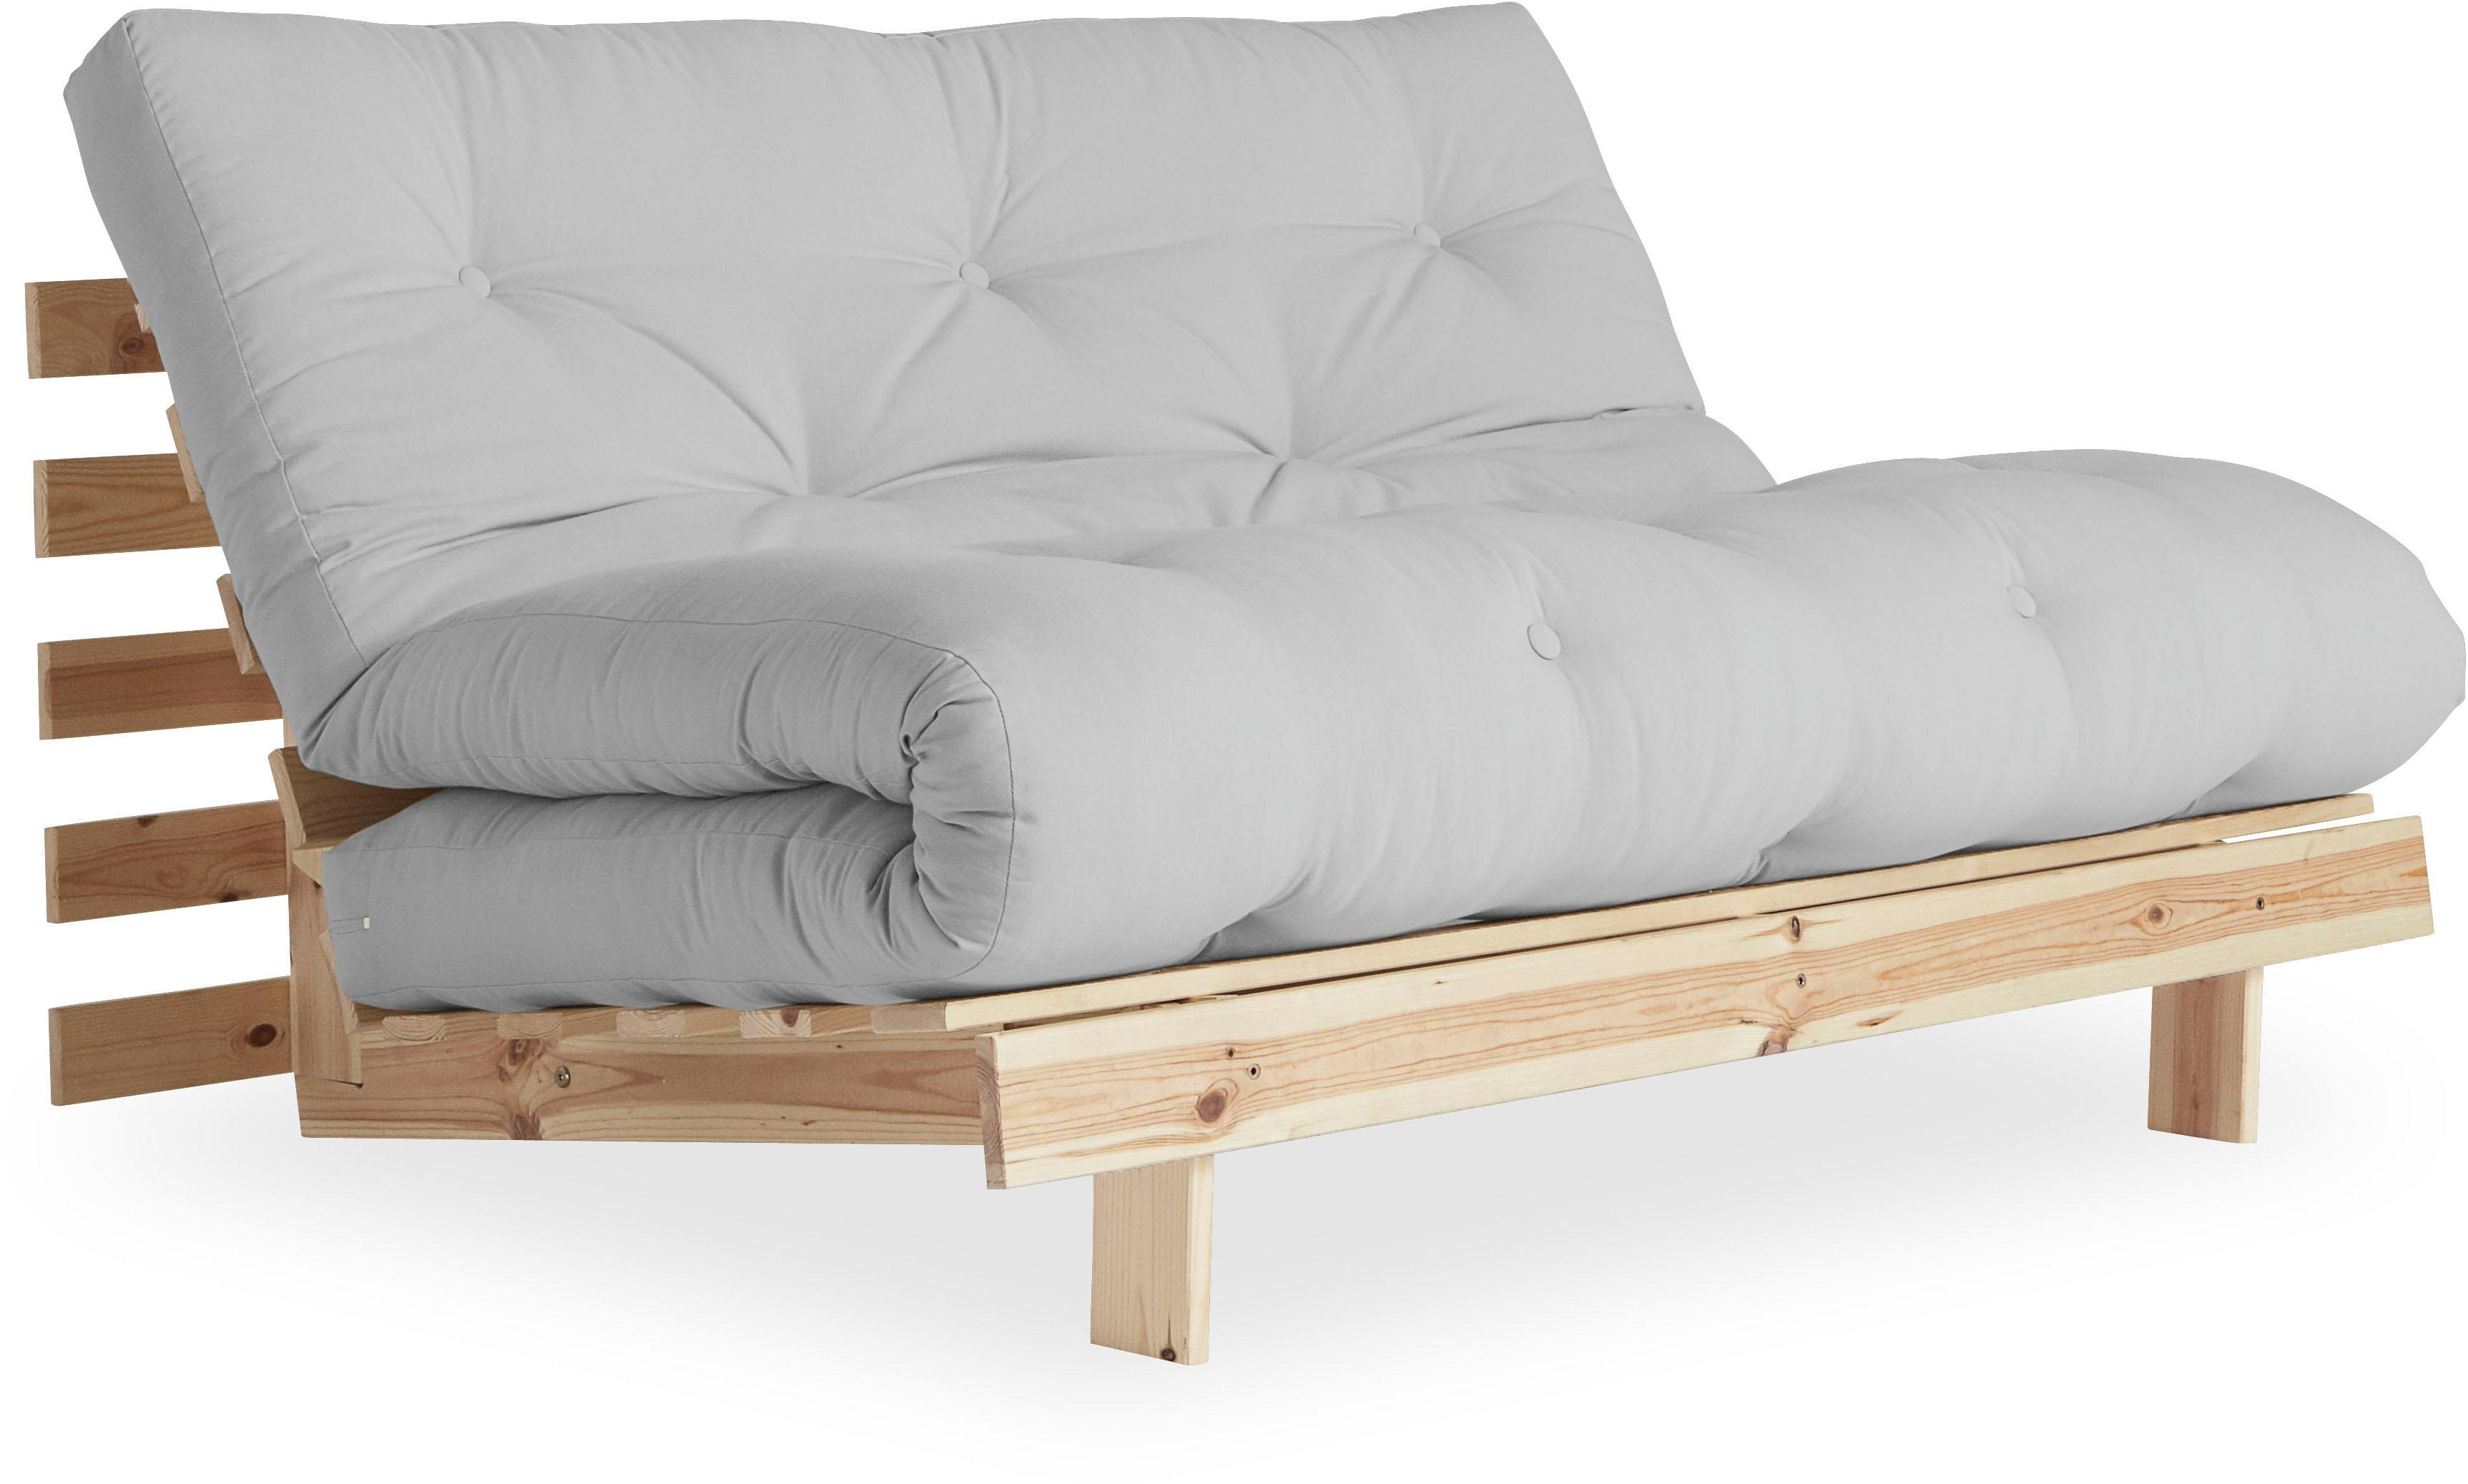 Karup Design Schlafsofa Roots, inkl. Futonmatratze, Liegefläche 140x200 cm günstig online kaufen